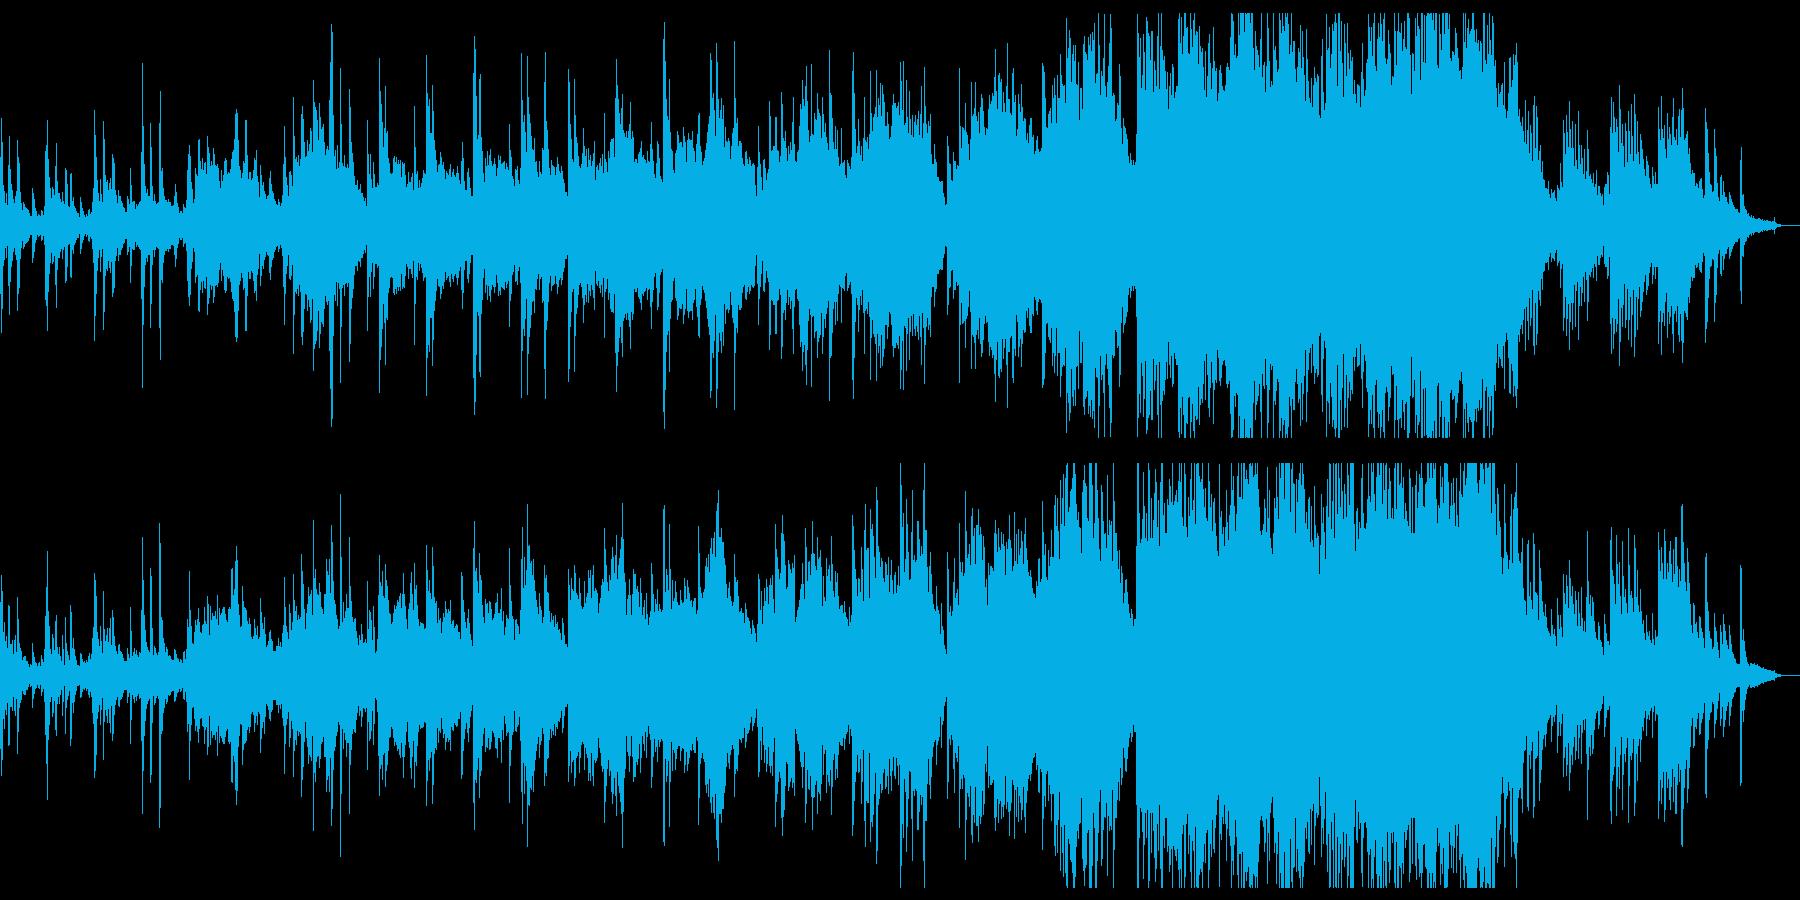 郷愁と感動的なピアノシネマシンフォ。の再生済みの波形